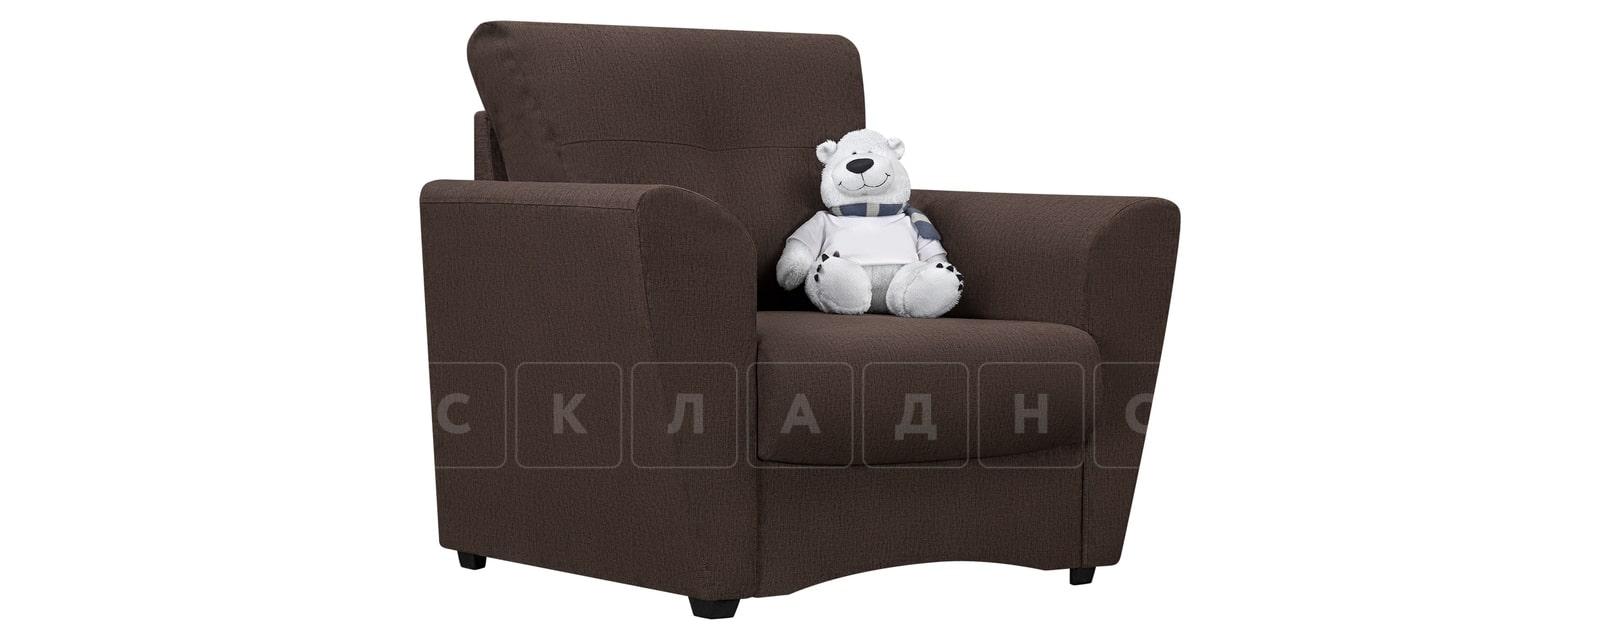 Кресло Амстердам коричневого цвета фото 1 | интернет-магазин Складно